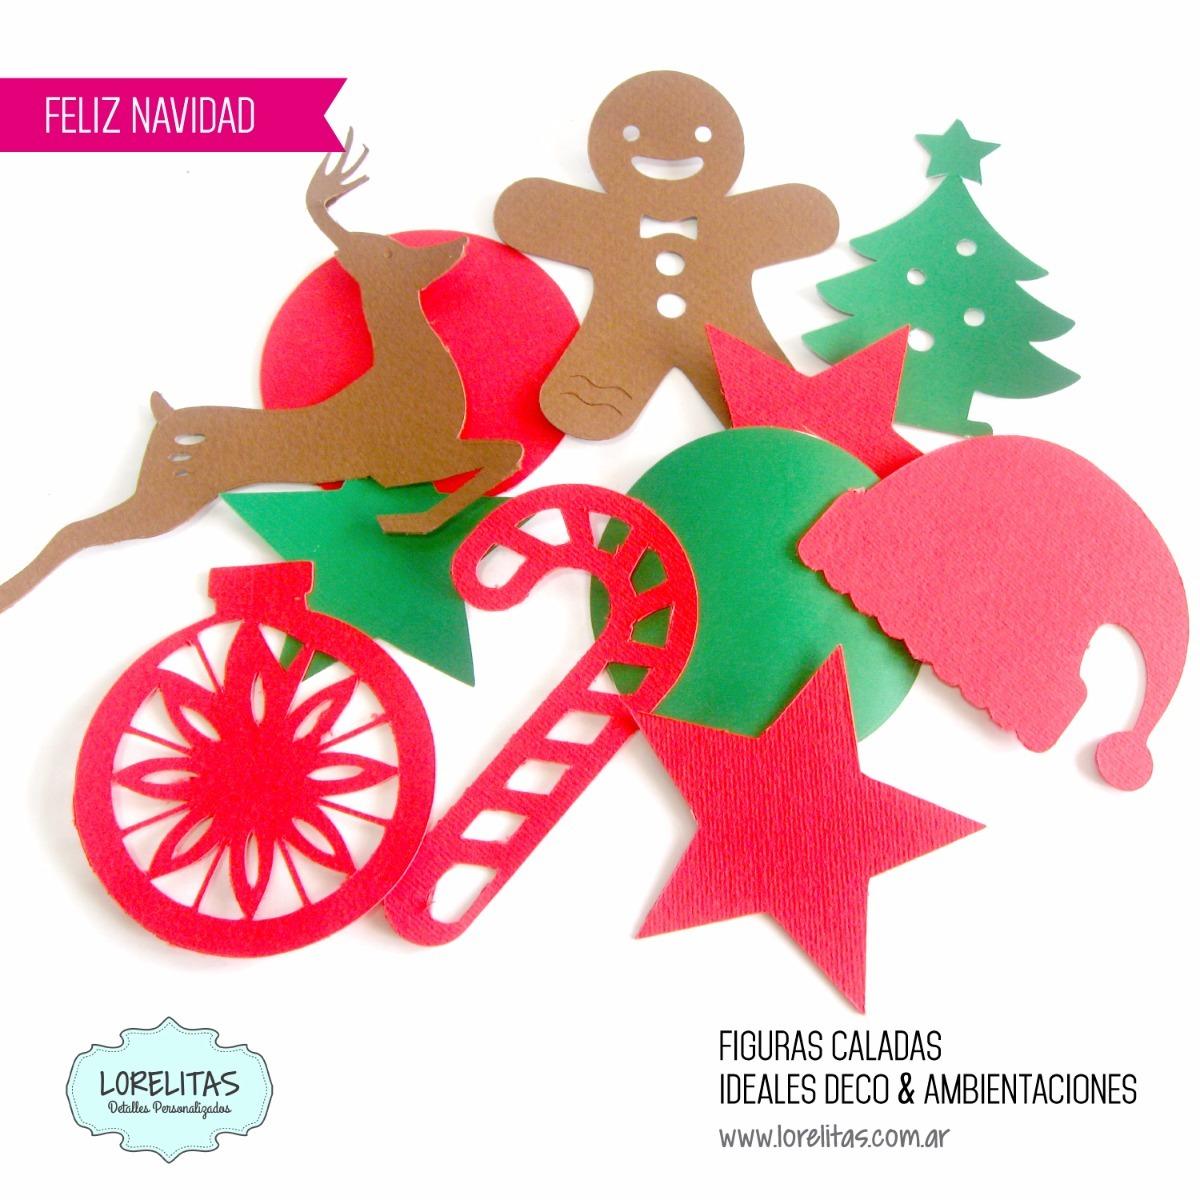 Guirnaldas De Navidad Imagenes.Pack Props Deco Navidad Ano Nuevo Guirnaldas Fotos